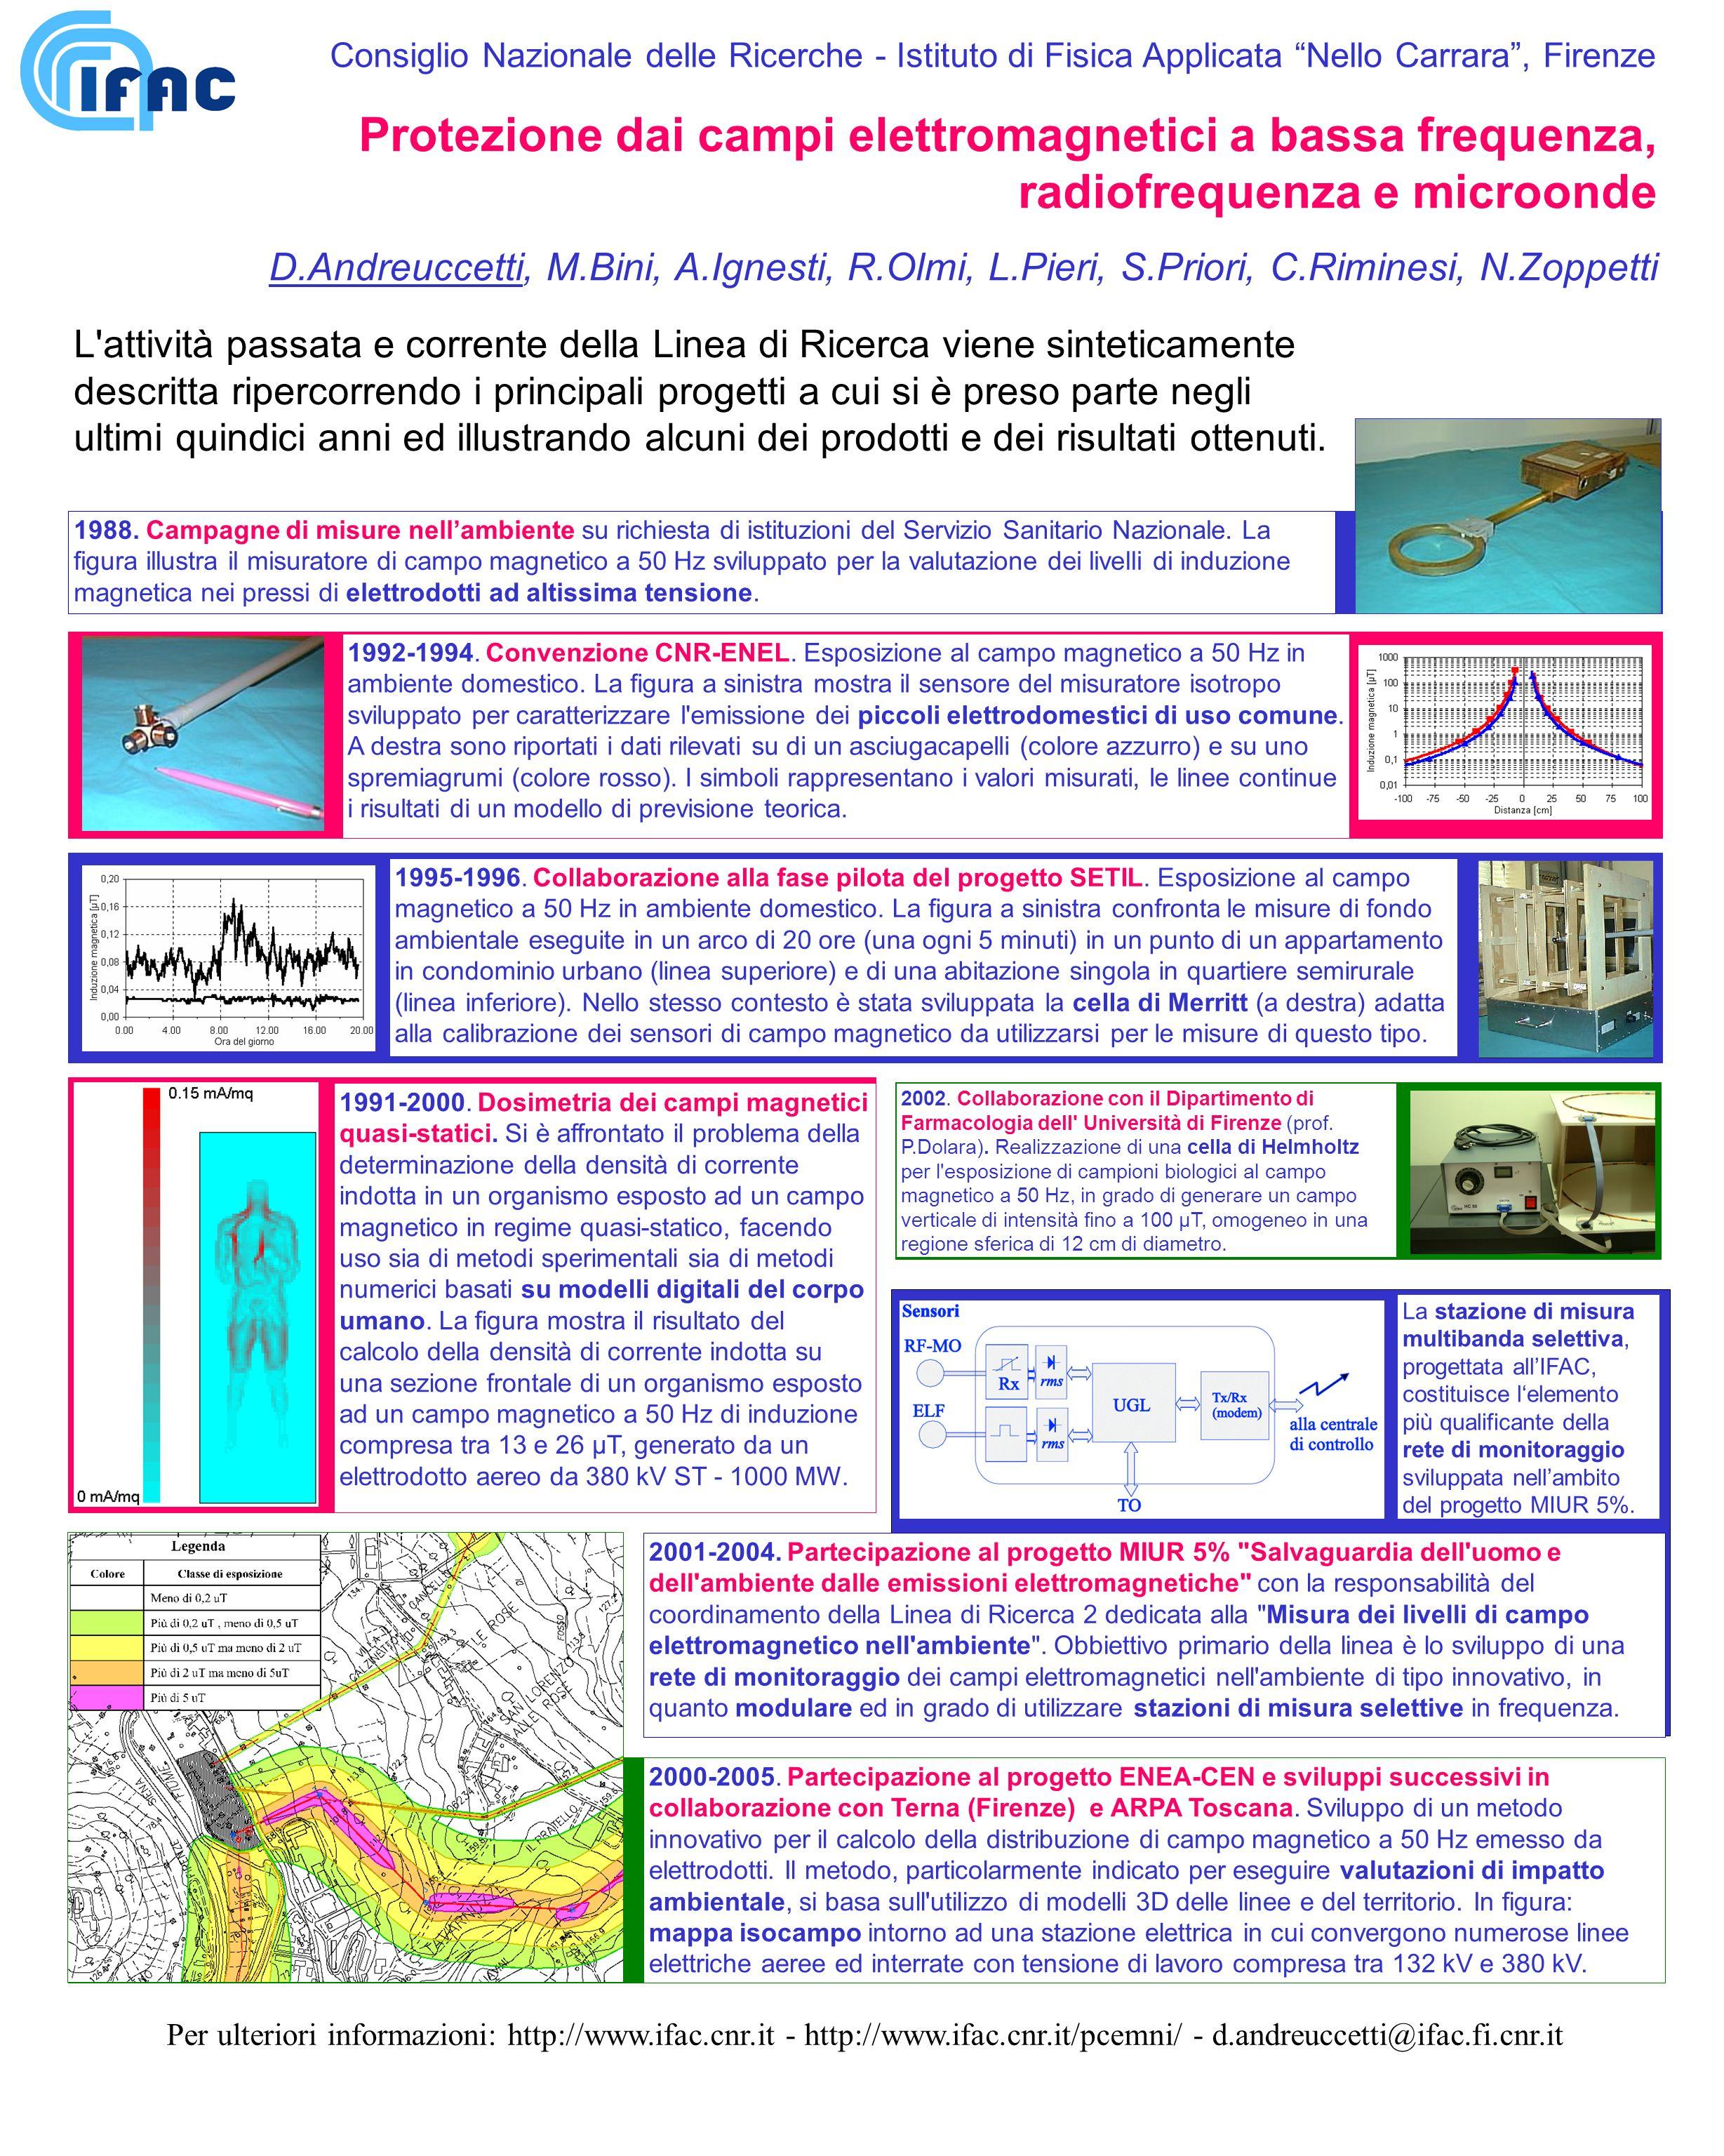 Per ulteriori informazioni: http://www.ifac.cnr.it - http://www.ifac.cnr.it/pcemni/ - d.andreuccetti@ifac.fi.cnr.it Protezione dai campi elettromagnet